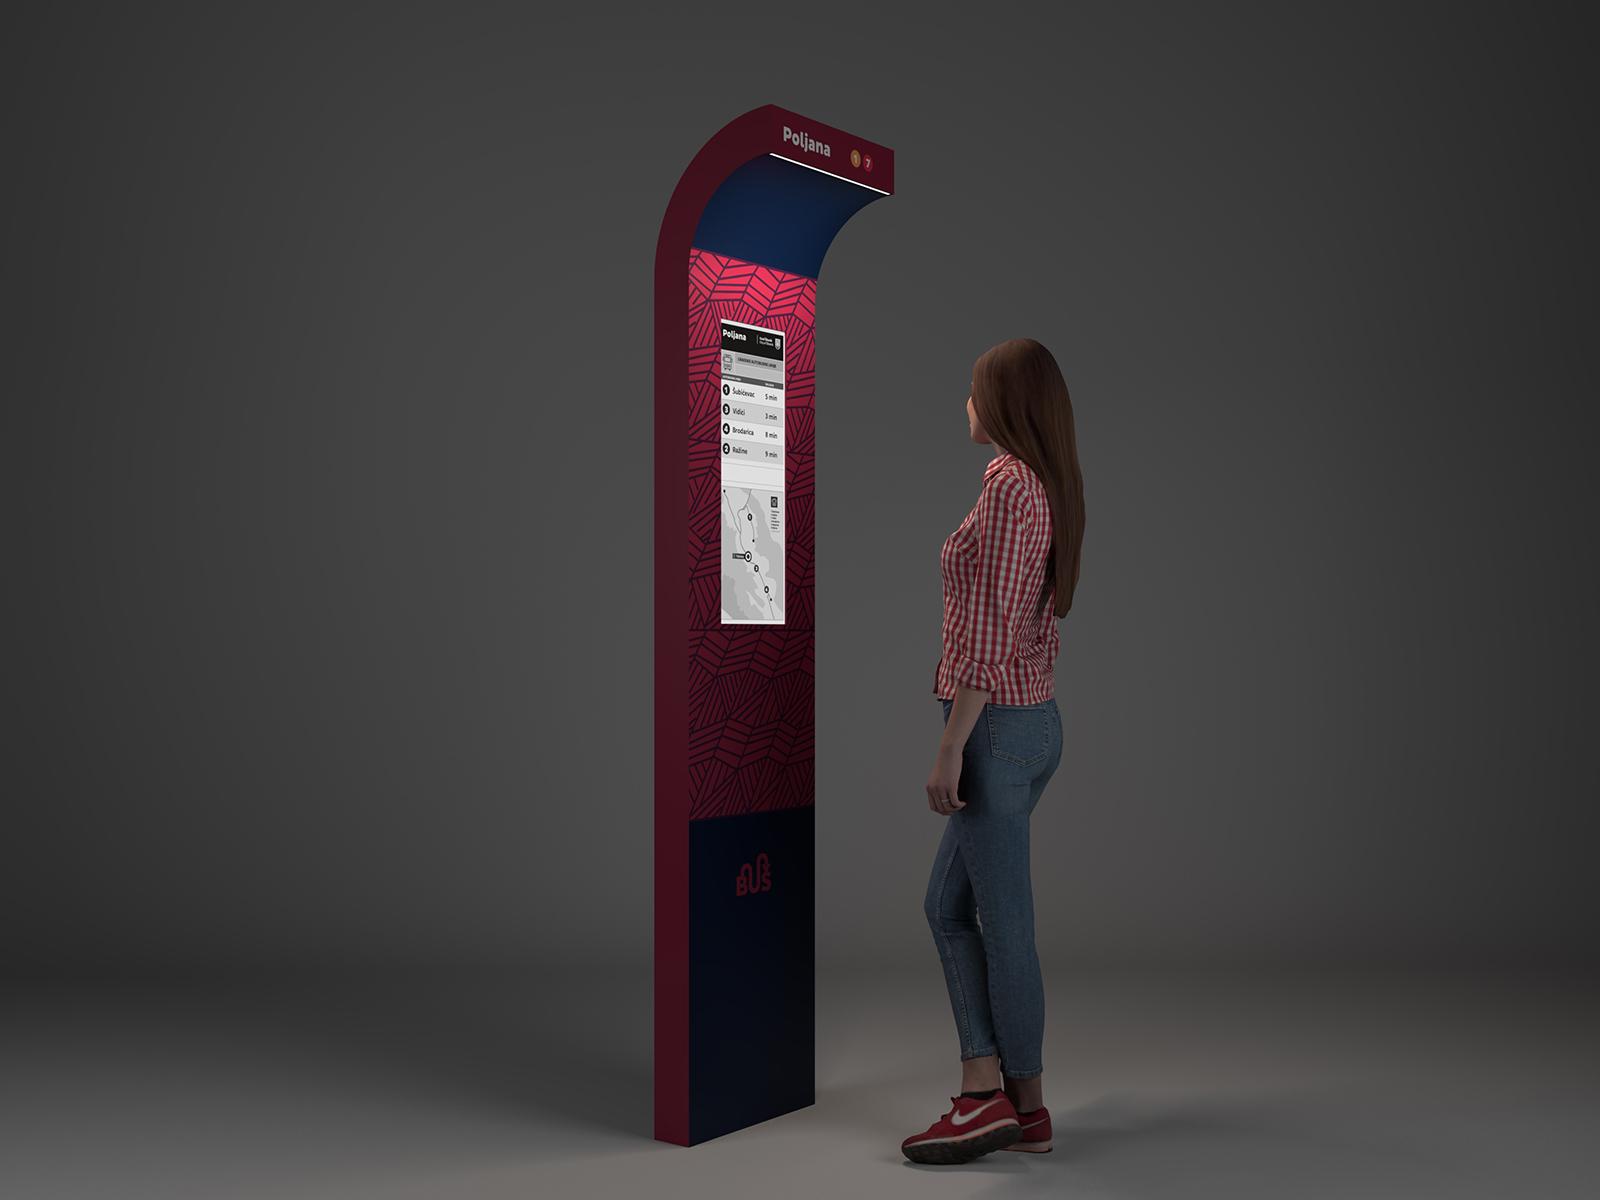 Grad Šibenik nabavlja nove info displaye za autobusna stajališta